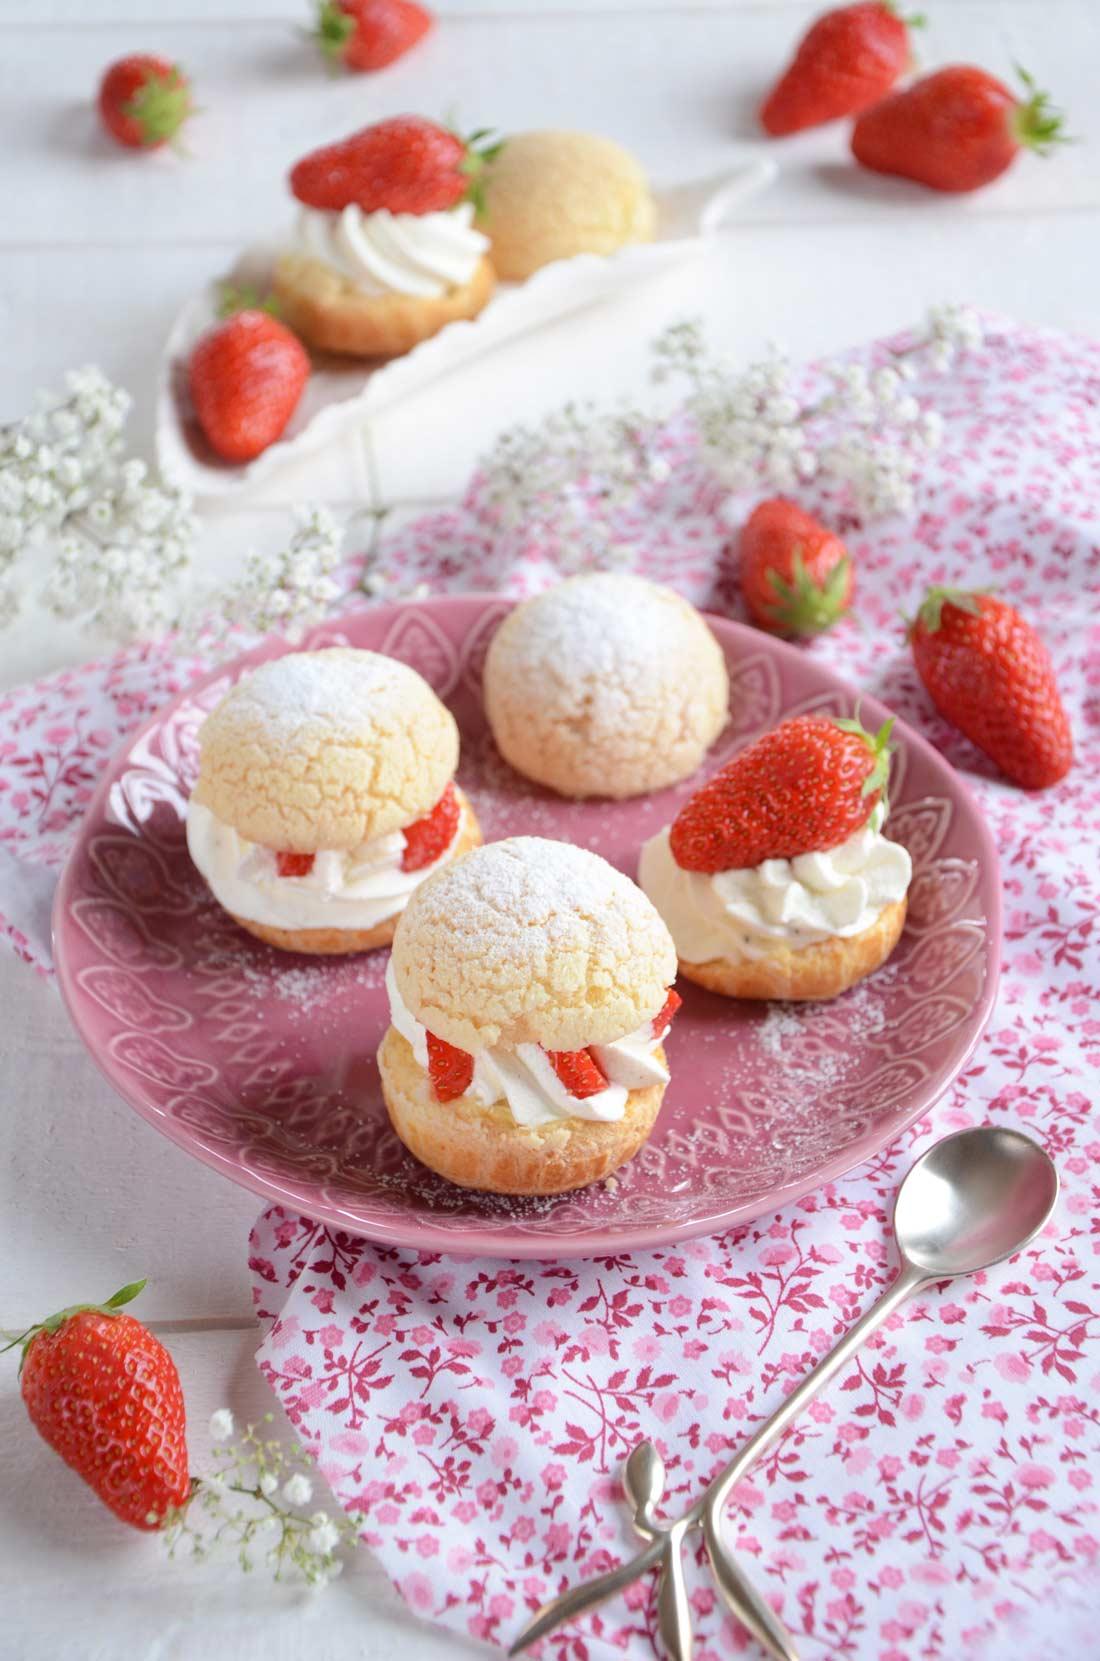 Délicieux choux chantilly et fraises